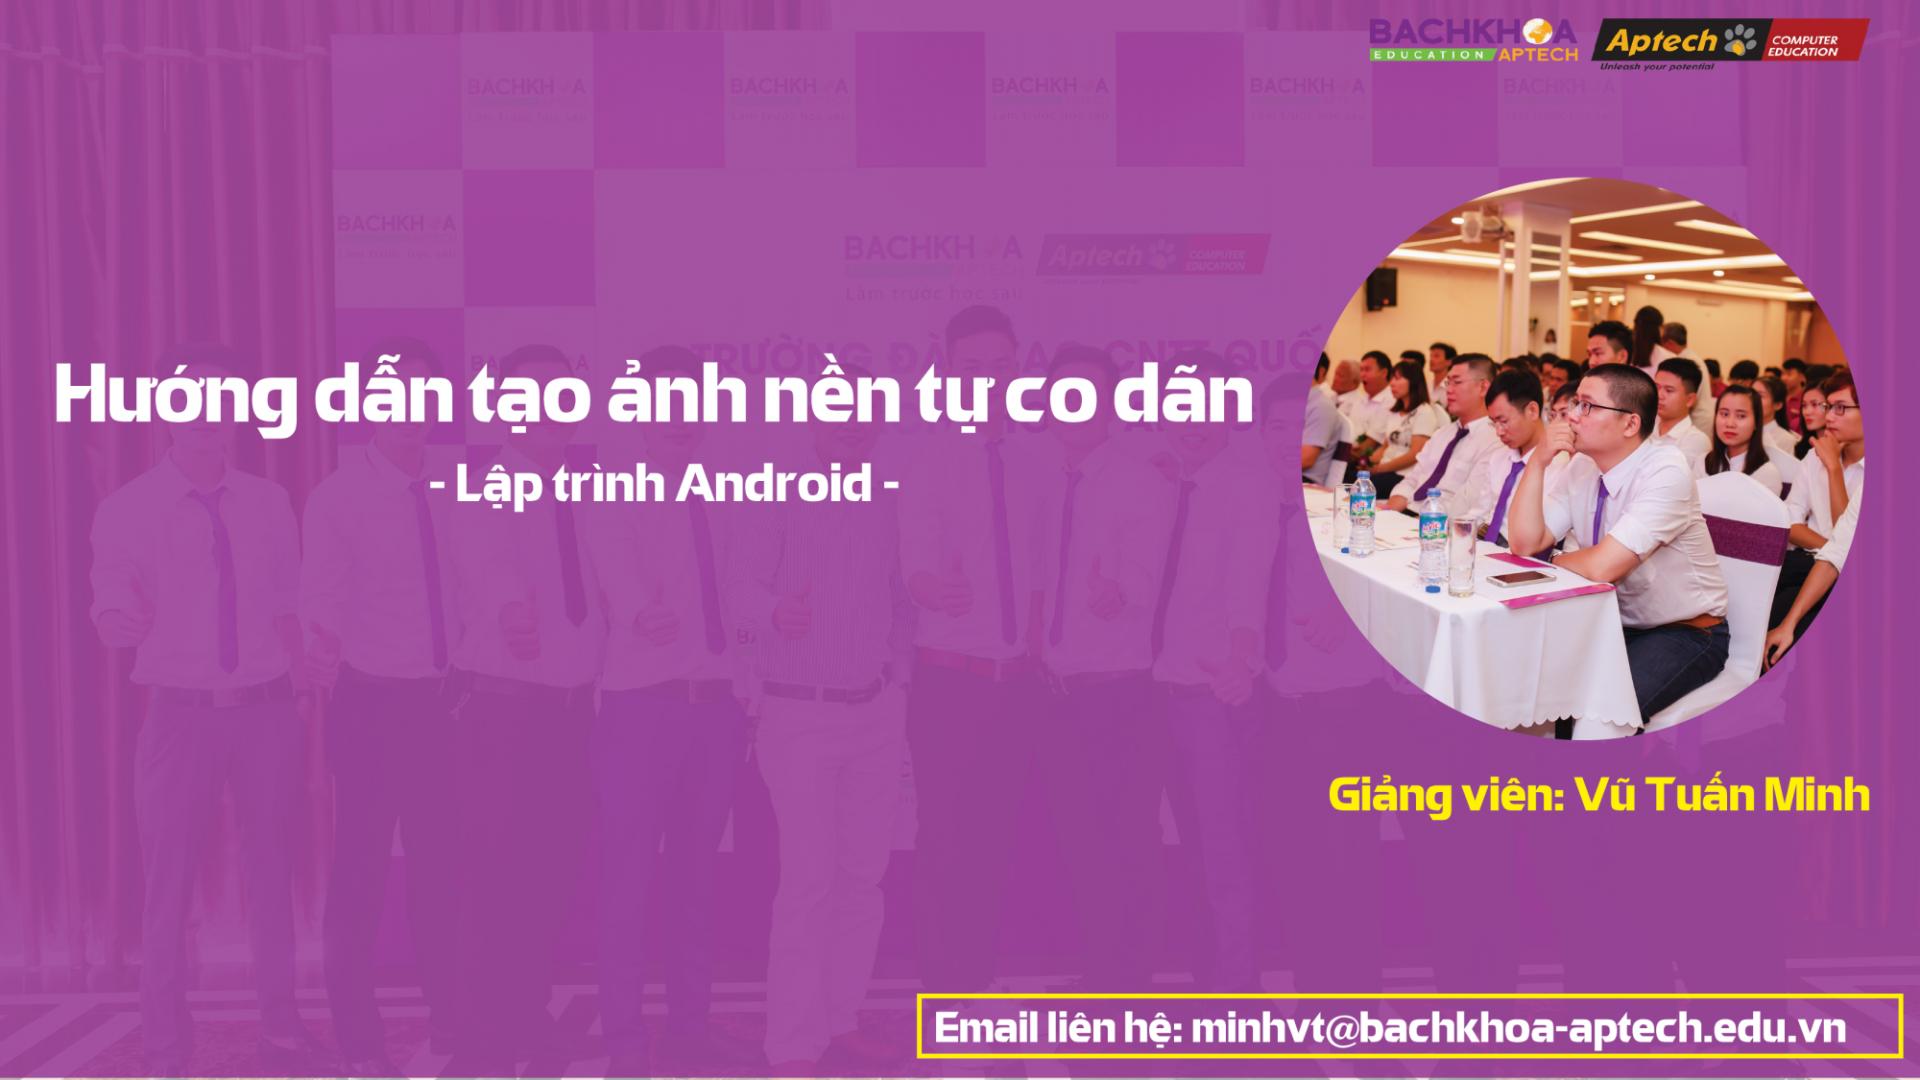 [Android] Hướng dẫn tạo ảnh nền tự co dãn